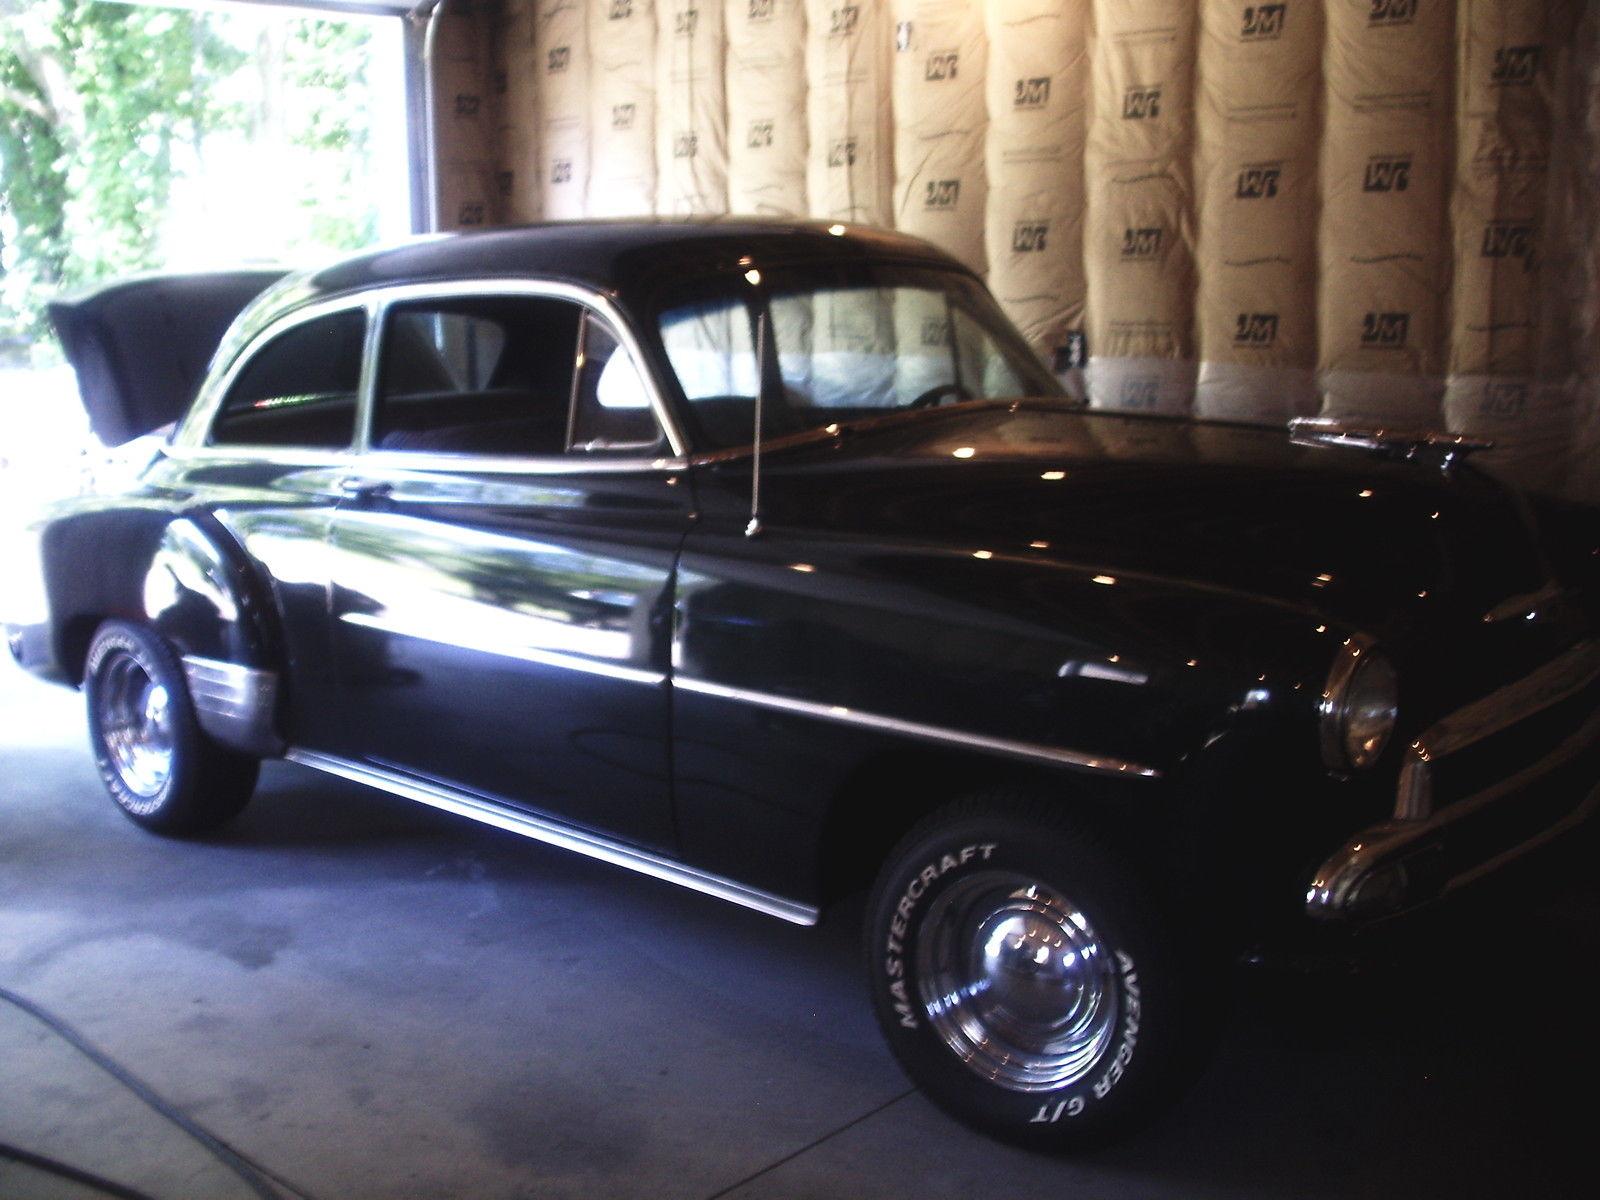 1951 Chevrolet Styleline Deluxe Street Rod Hot Classic 2 Door Other